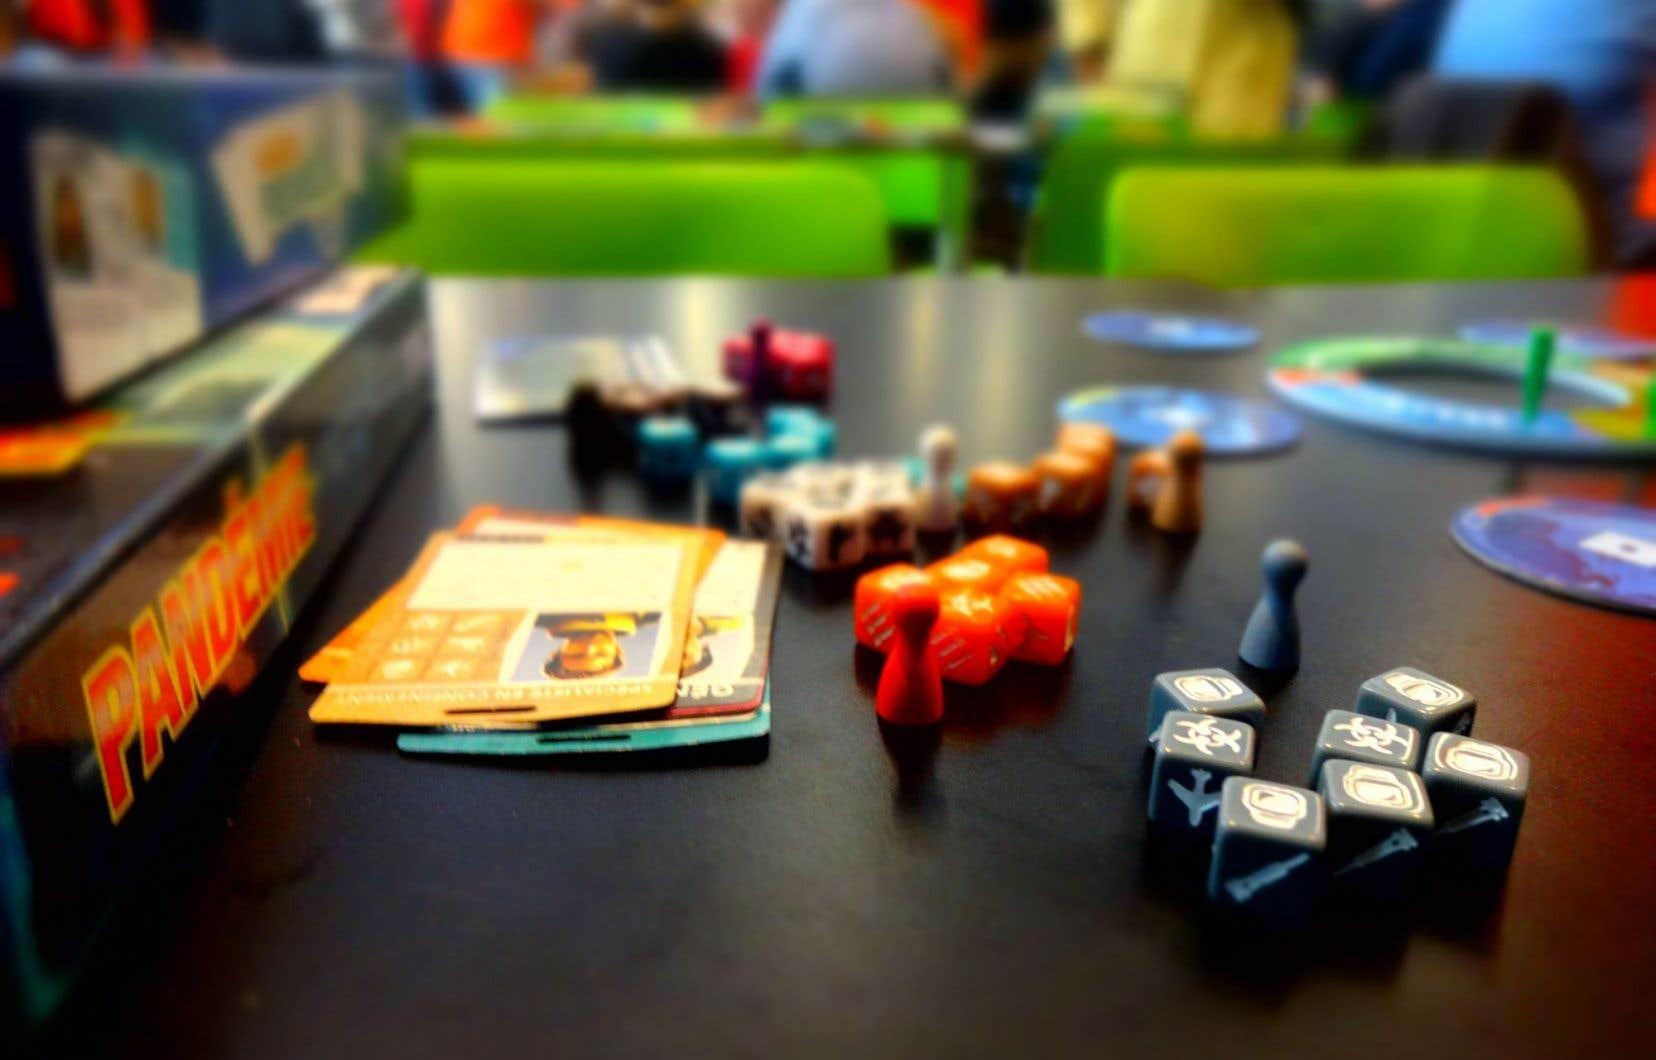 Le jeu Pandémie, dont on voit ici la variante Le remède, récompense la coopération entre joueurs. C'est l'un des plus populaires sur le marché.